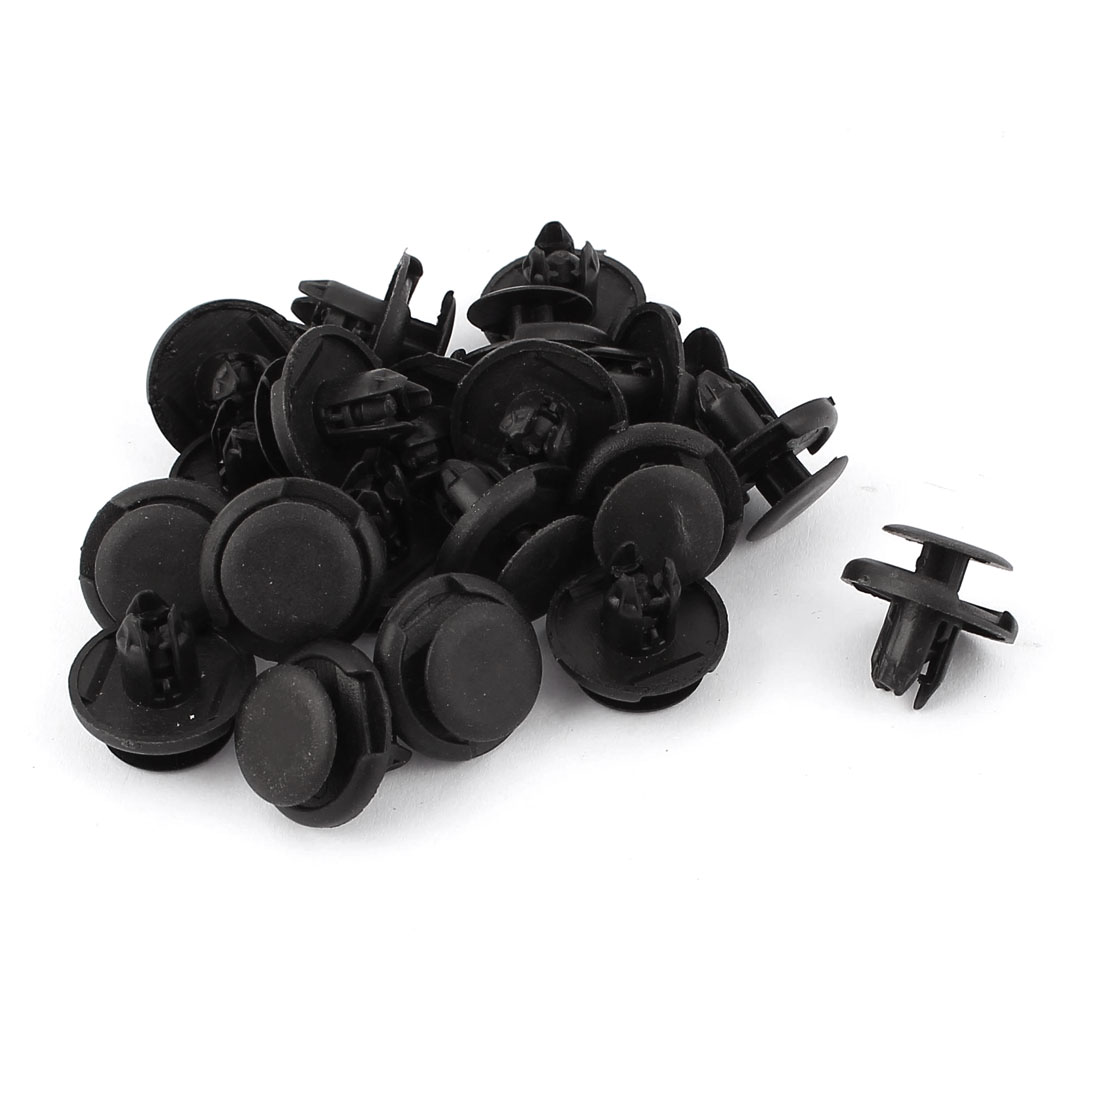 20 Pcs Black Plastic Splash Guard Fastener Rivet Clips 8mm x 10mm x 19mm